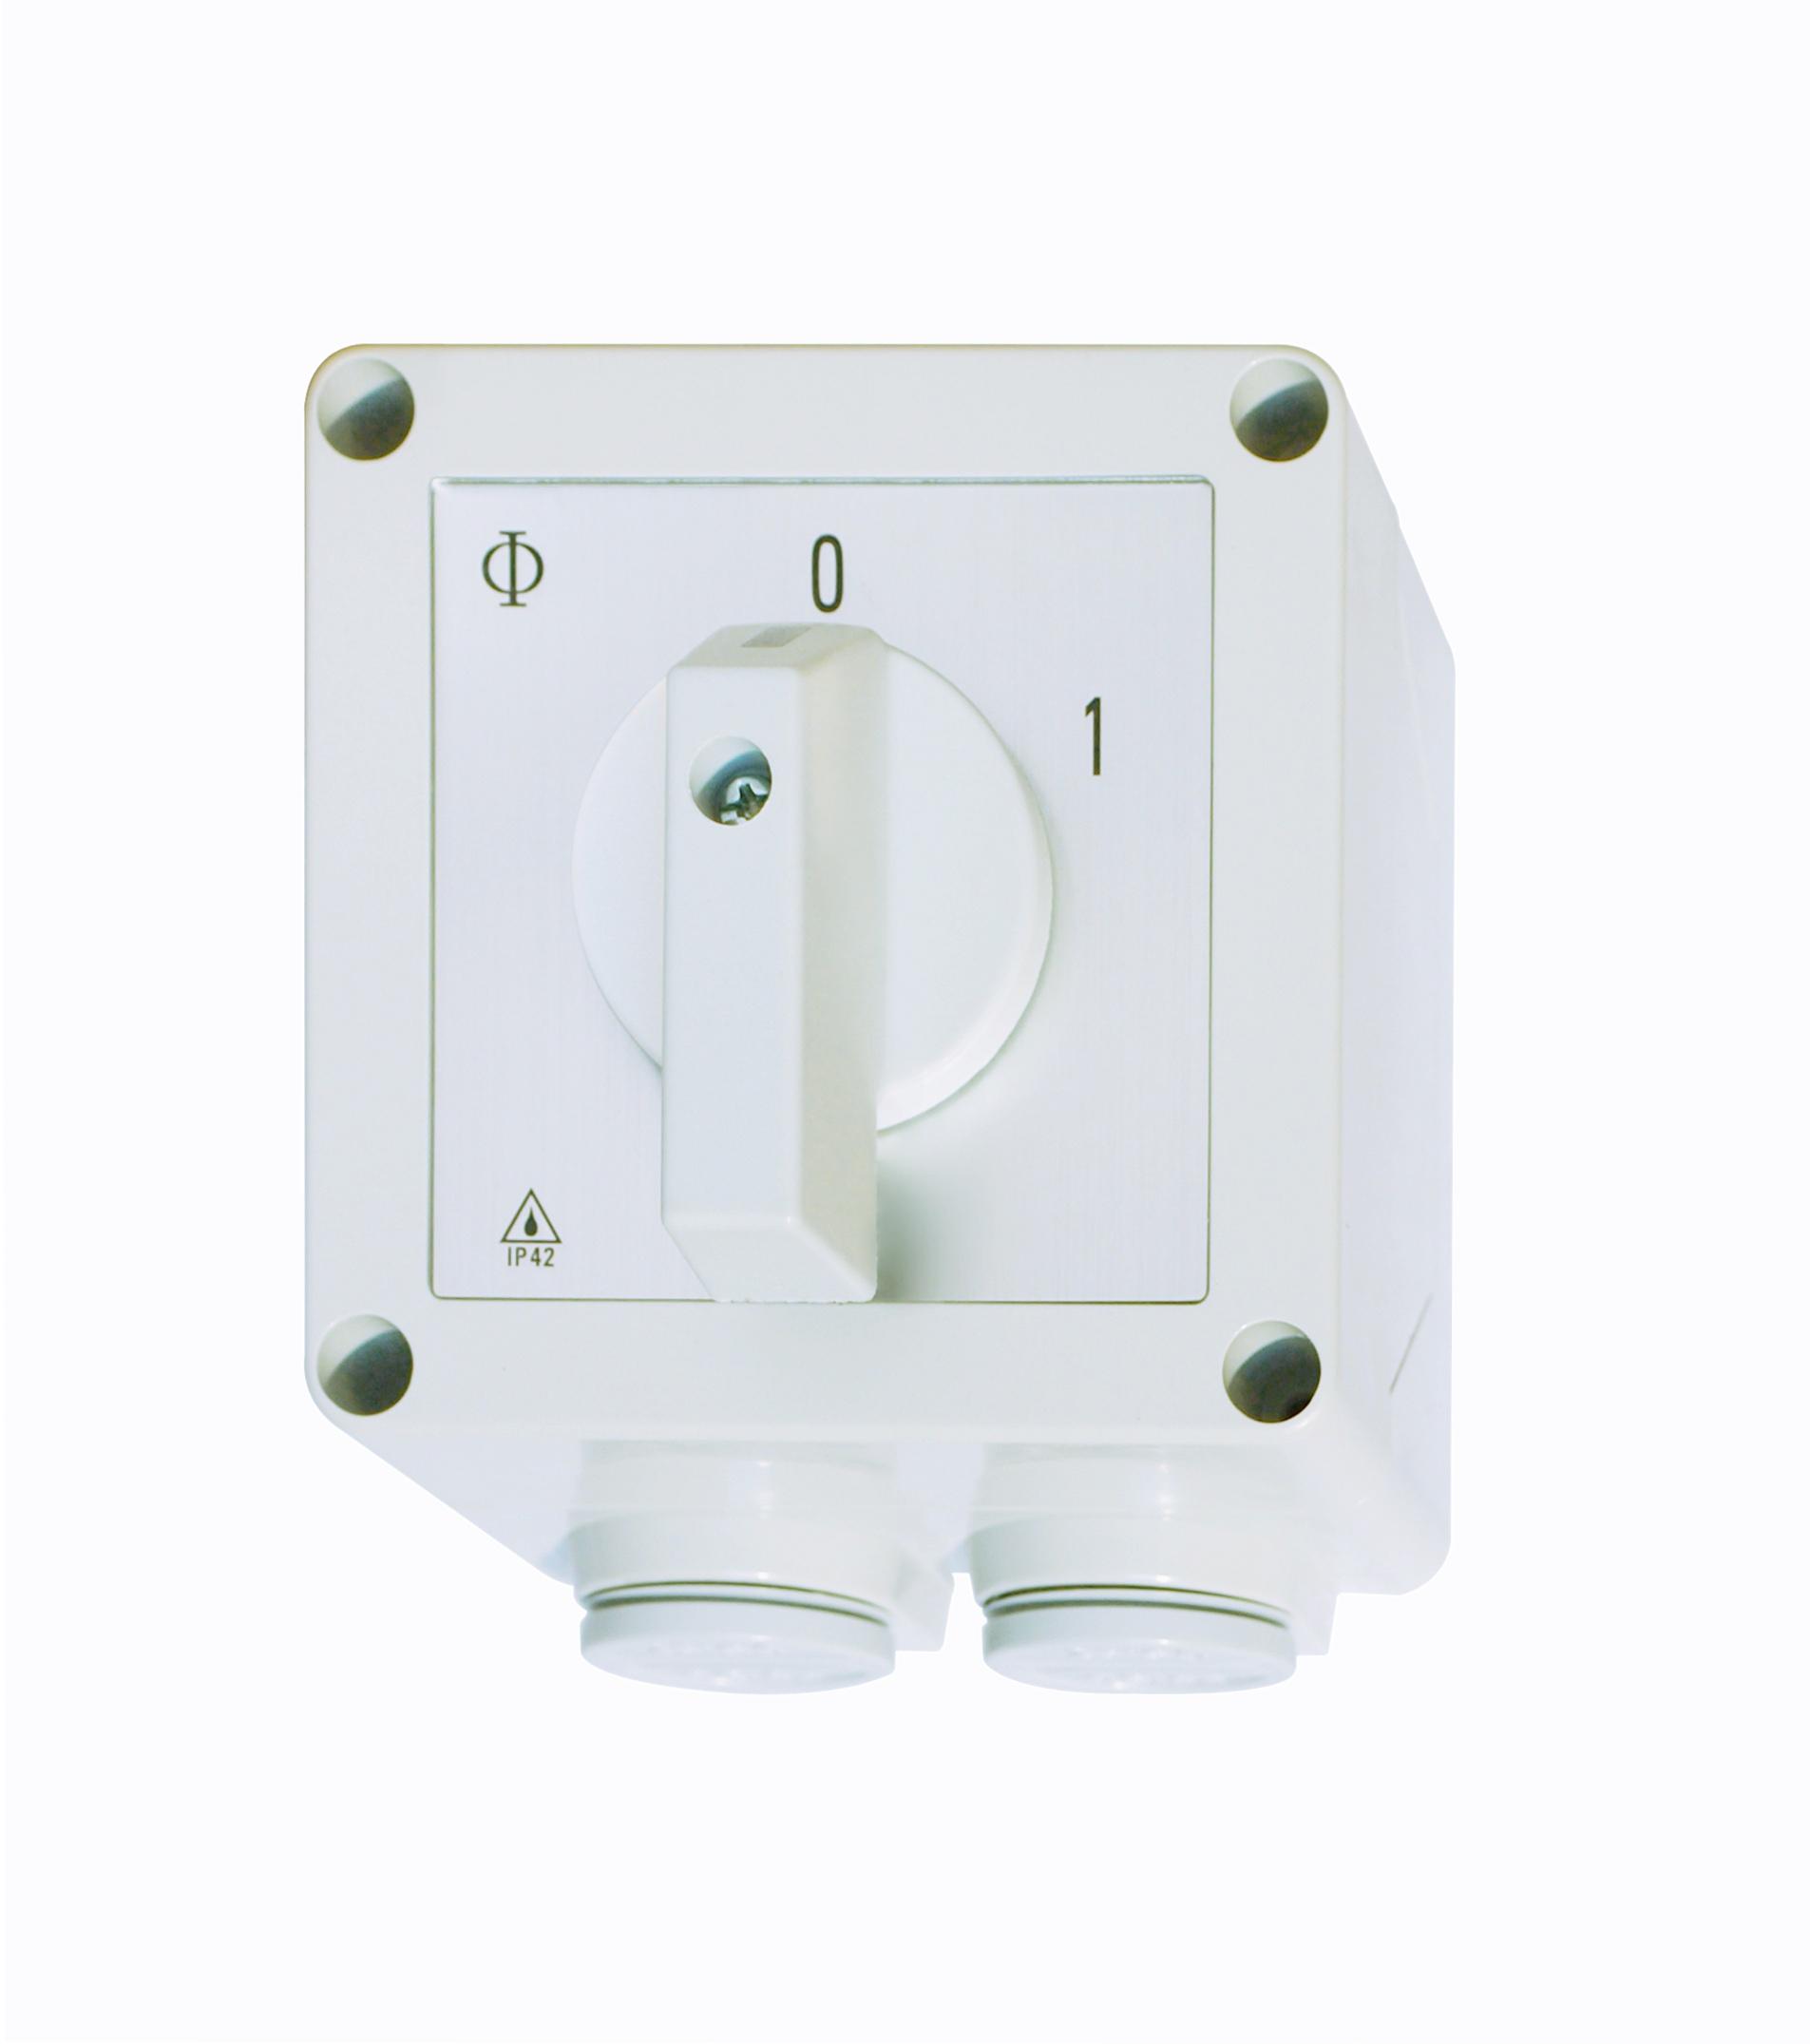 1 Stk Ausschalter, 1-polig, 25A, 0-1, im Kunststoffgehäuse IN232004--